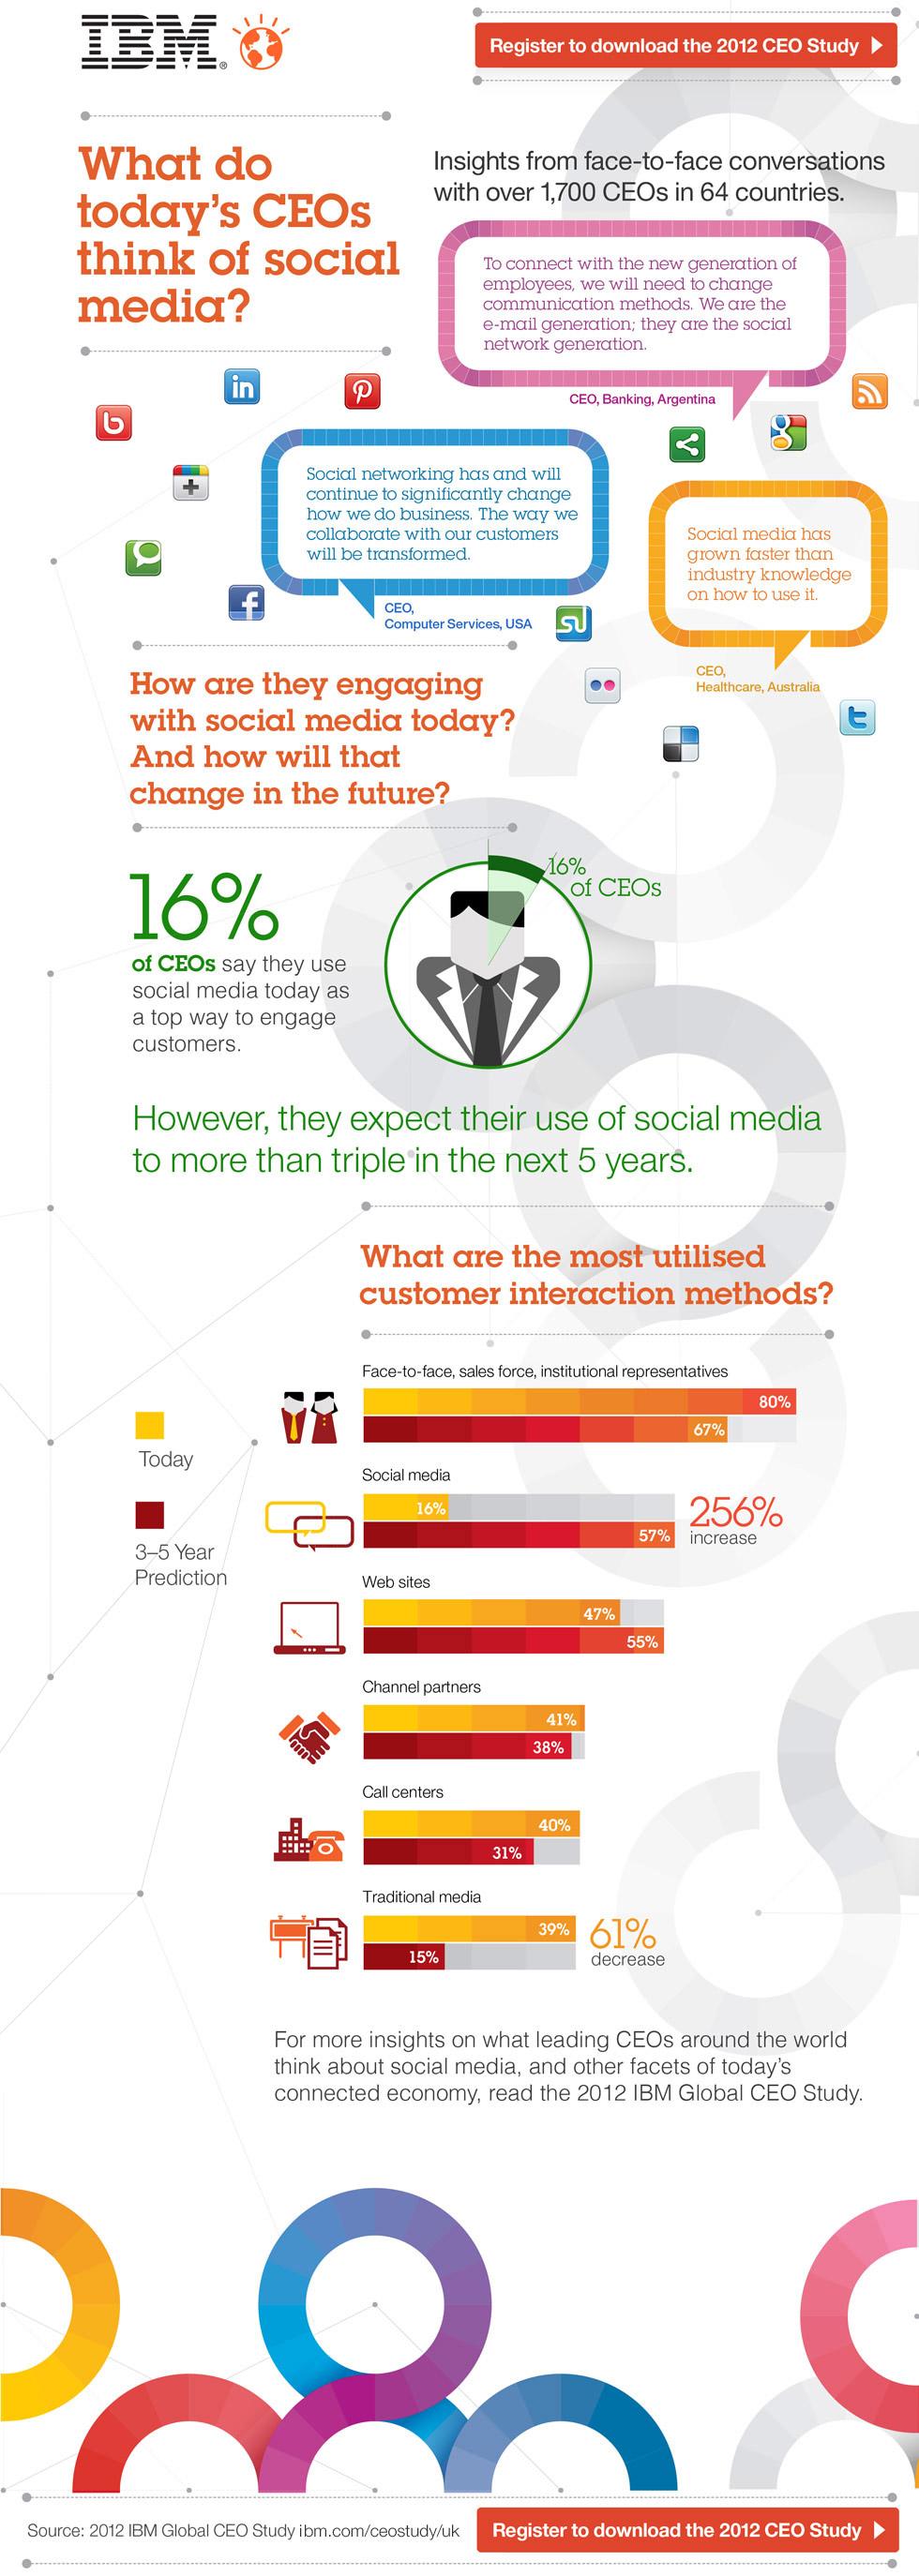 Günümüzün CEO'ları Sosyal Medya Hakkında Ne Düşünüyor?